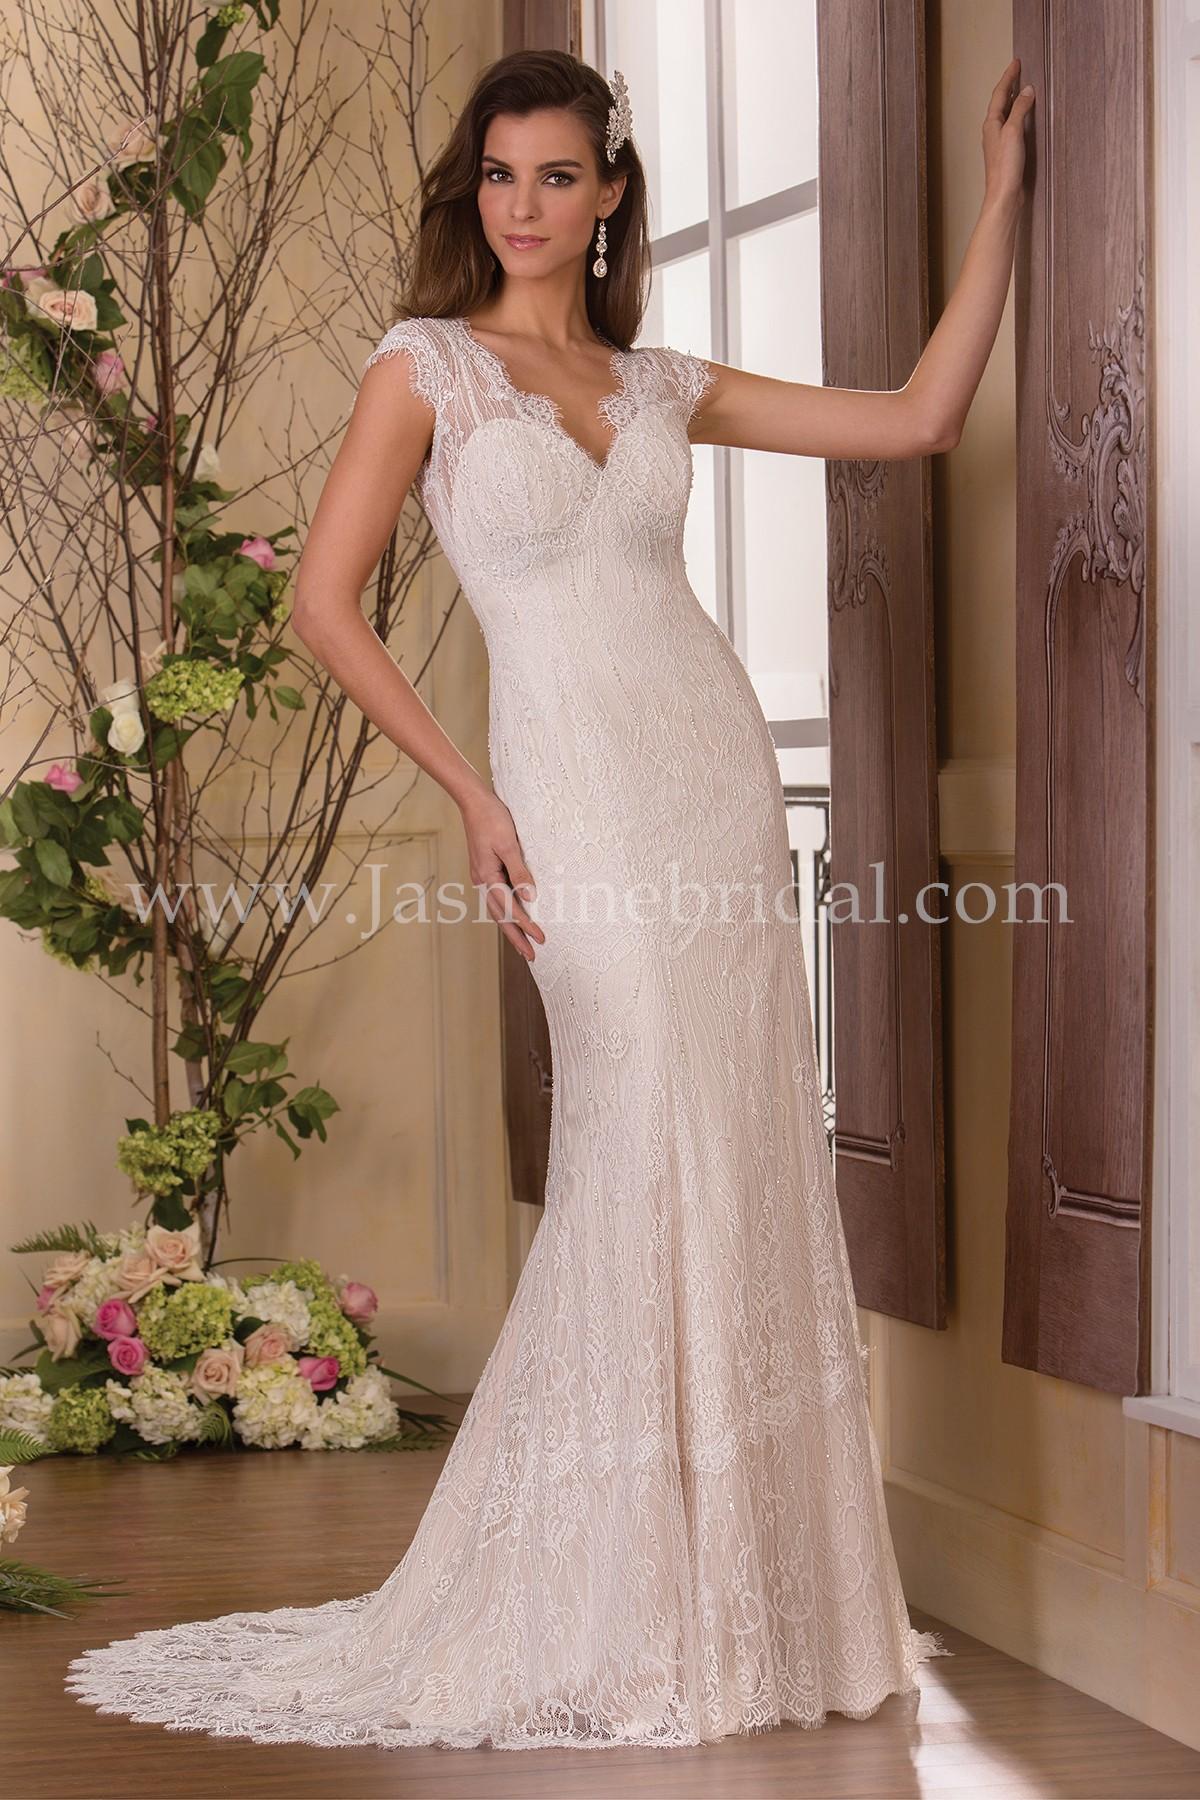 F171059 V-neck Lace Wedding Dress with Beading